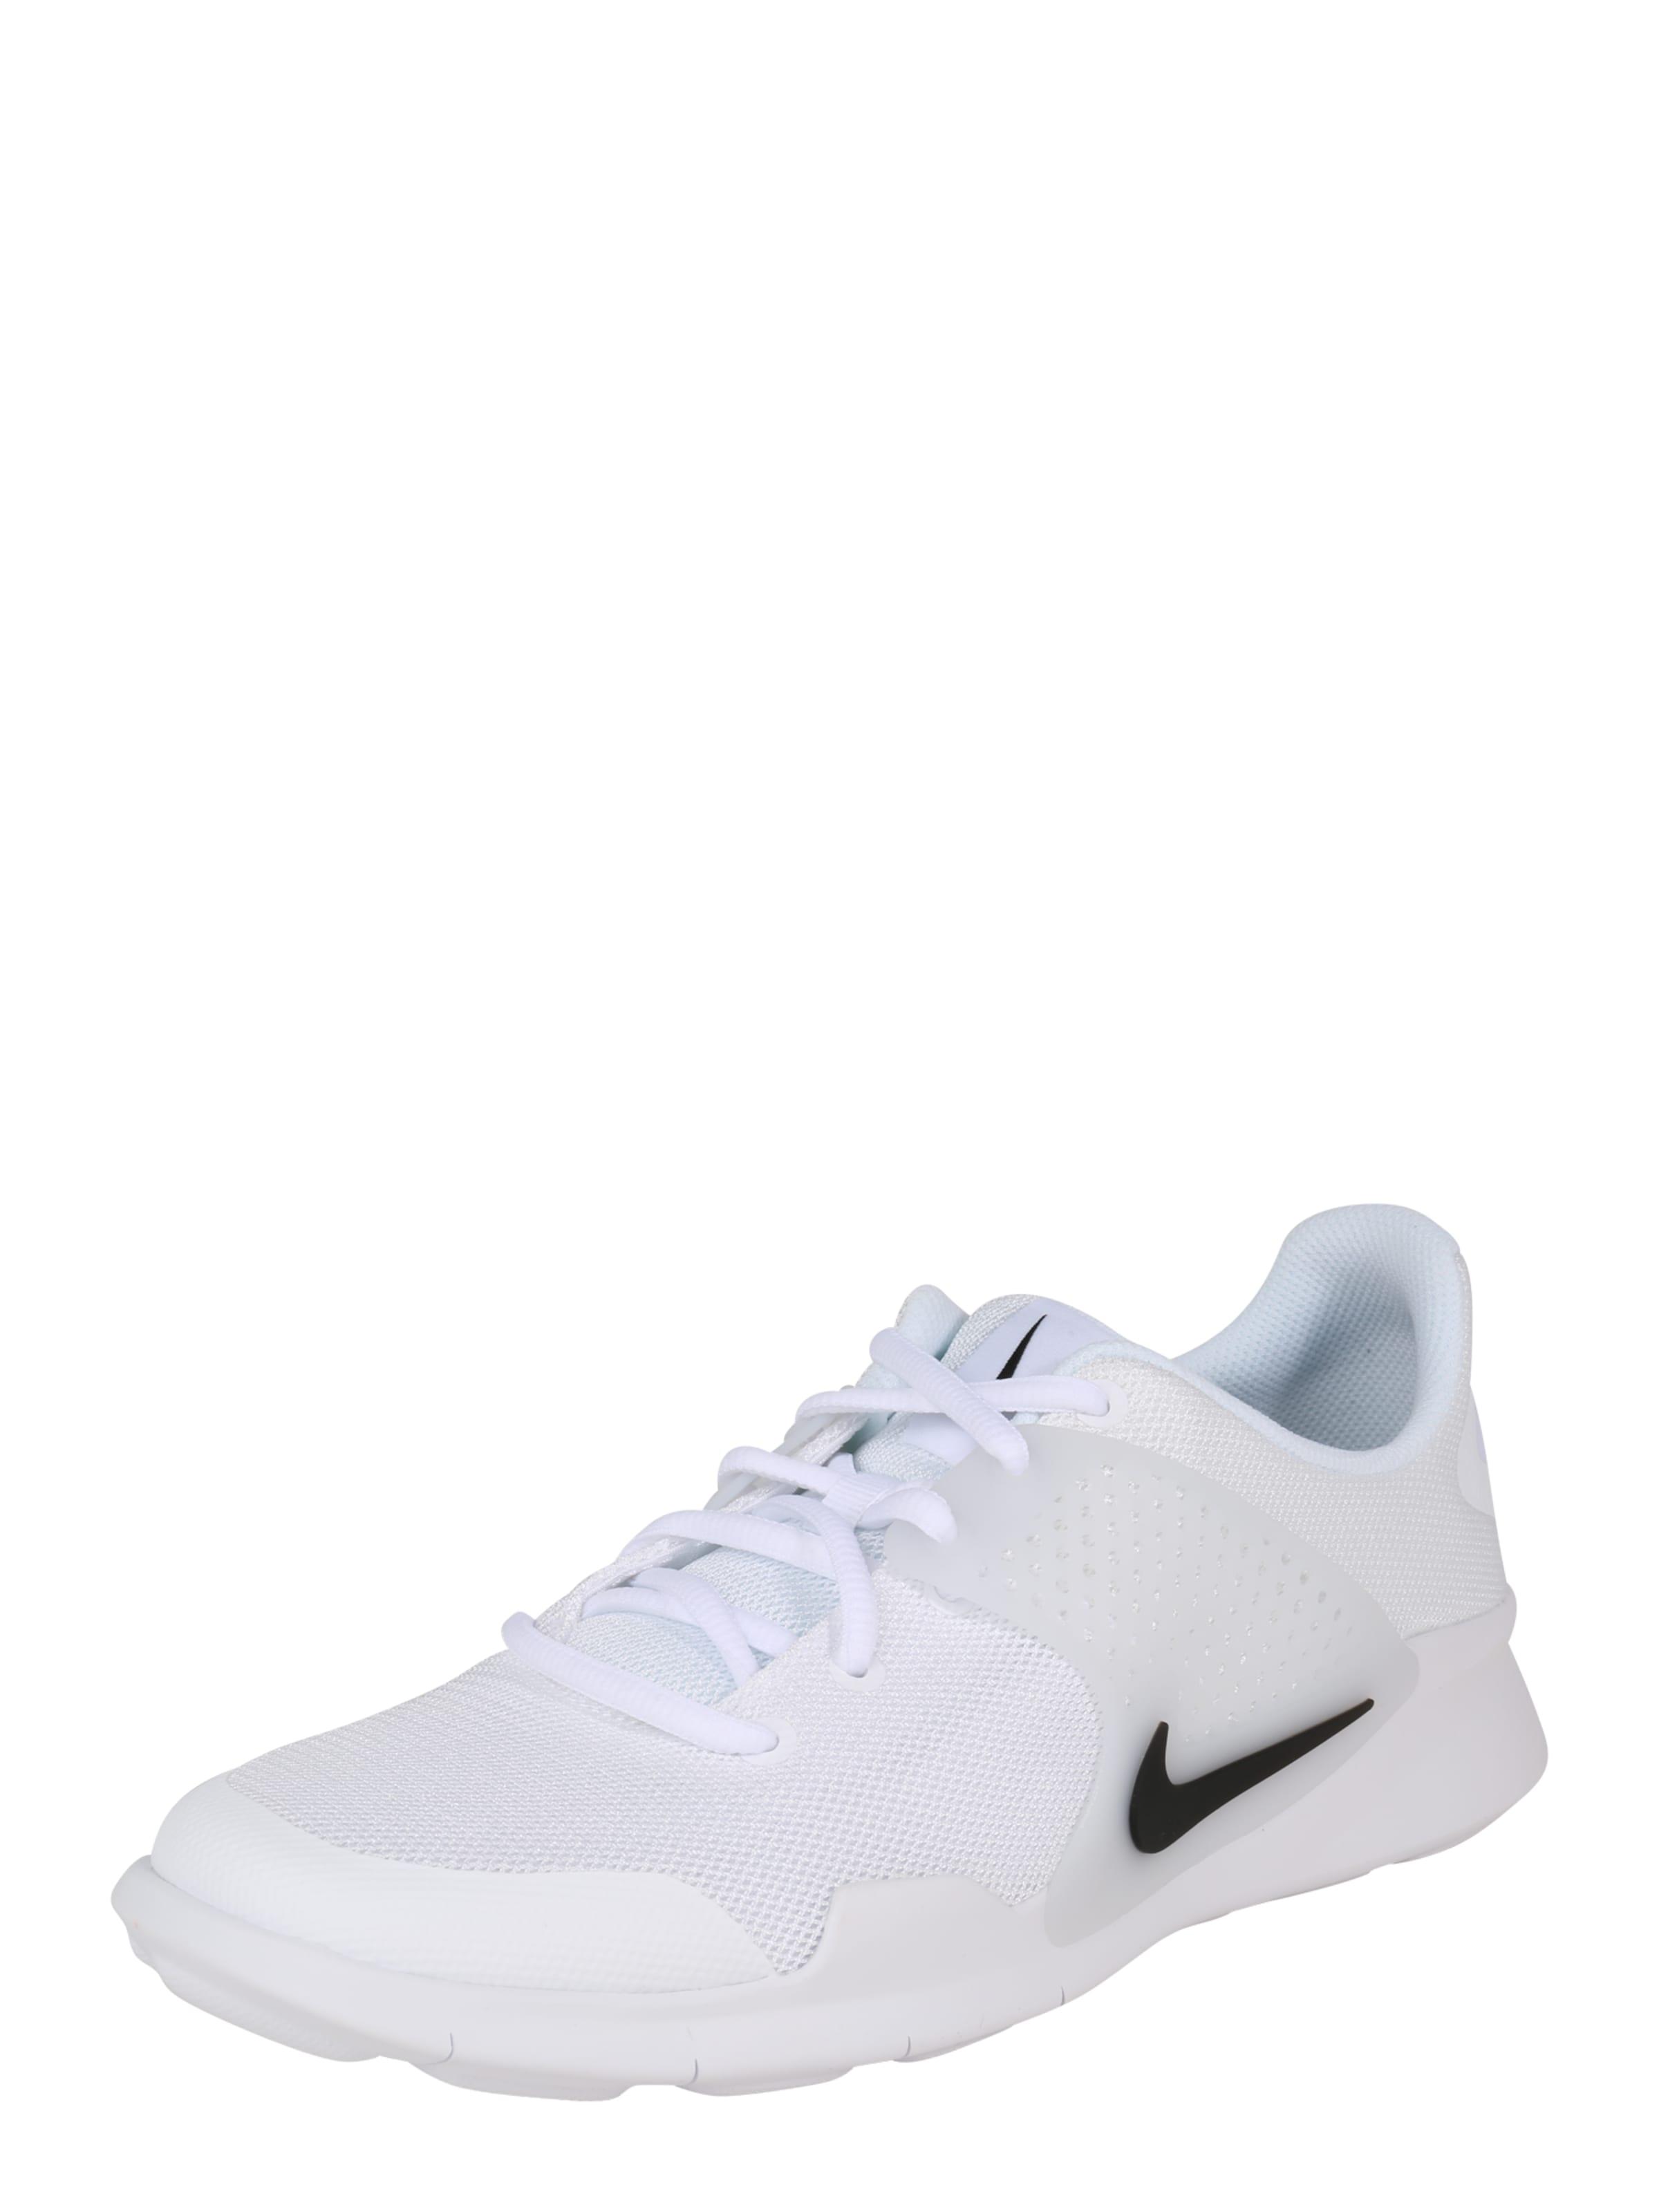 Sportswear En Basses Blanc Nike 'arrowz' Baskets fgYyb76